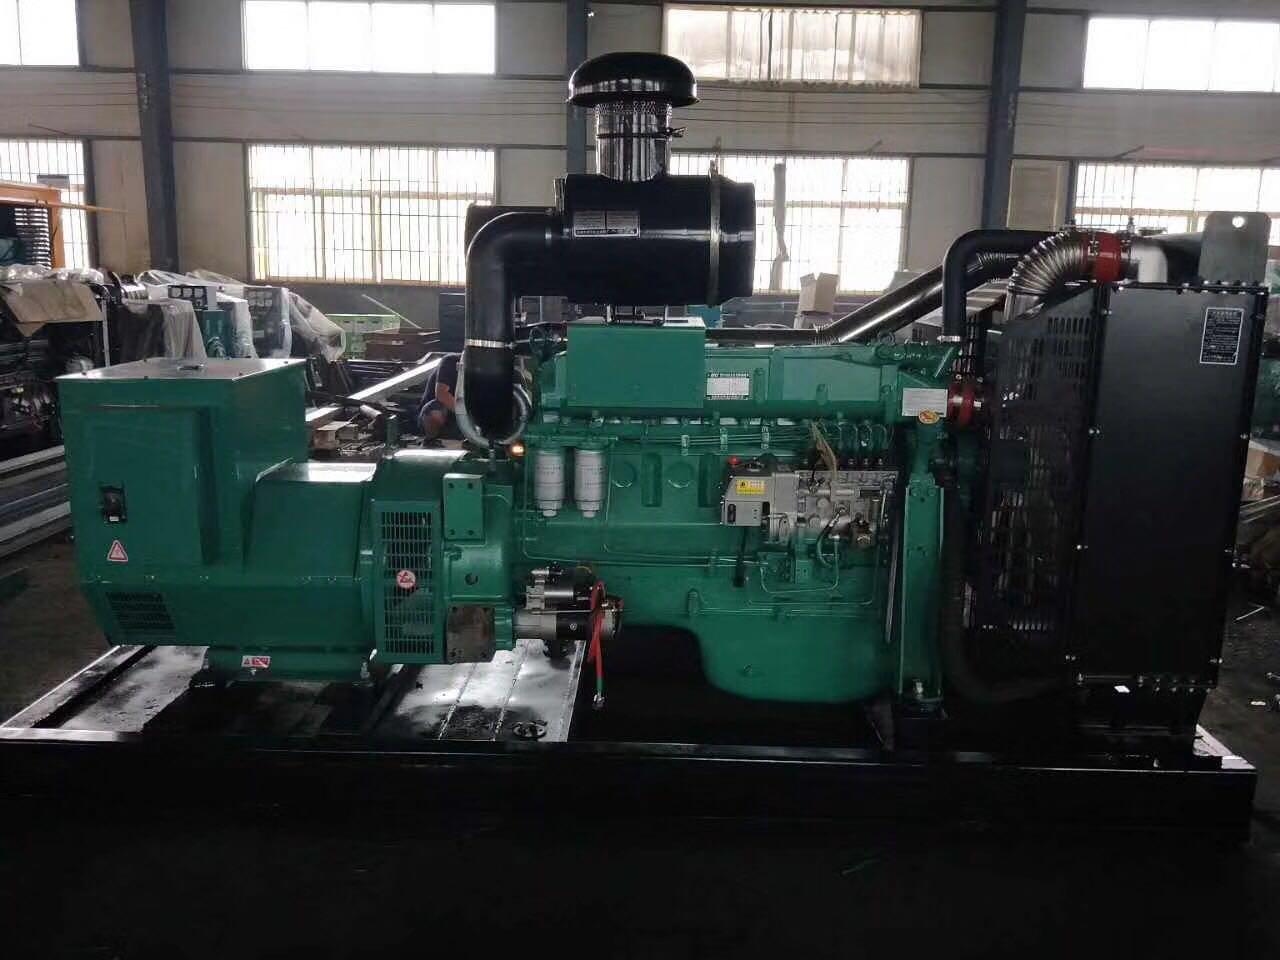 發電機維修-到哪買濰柴斯太爾發電機組比較好